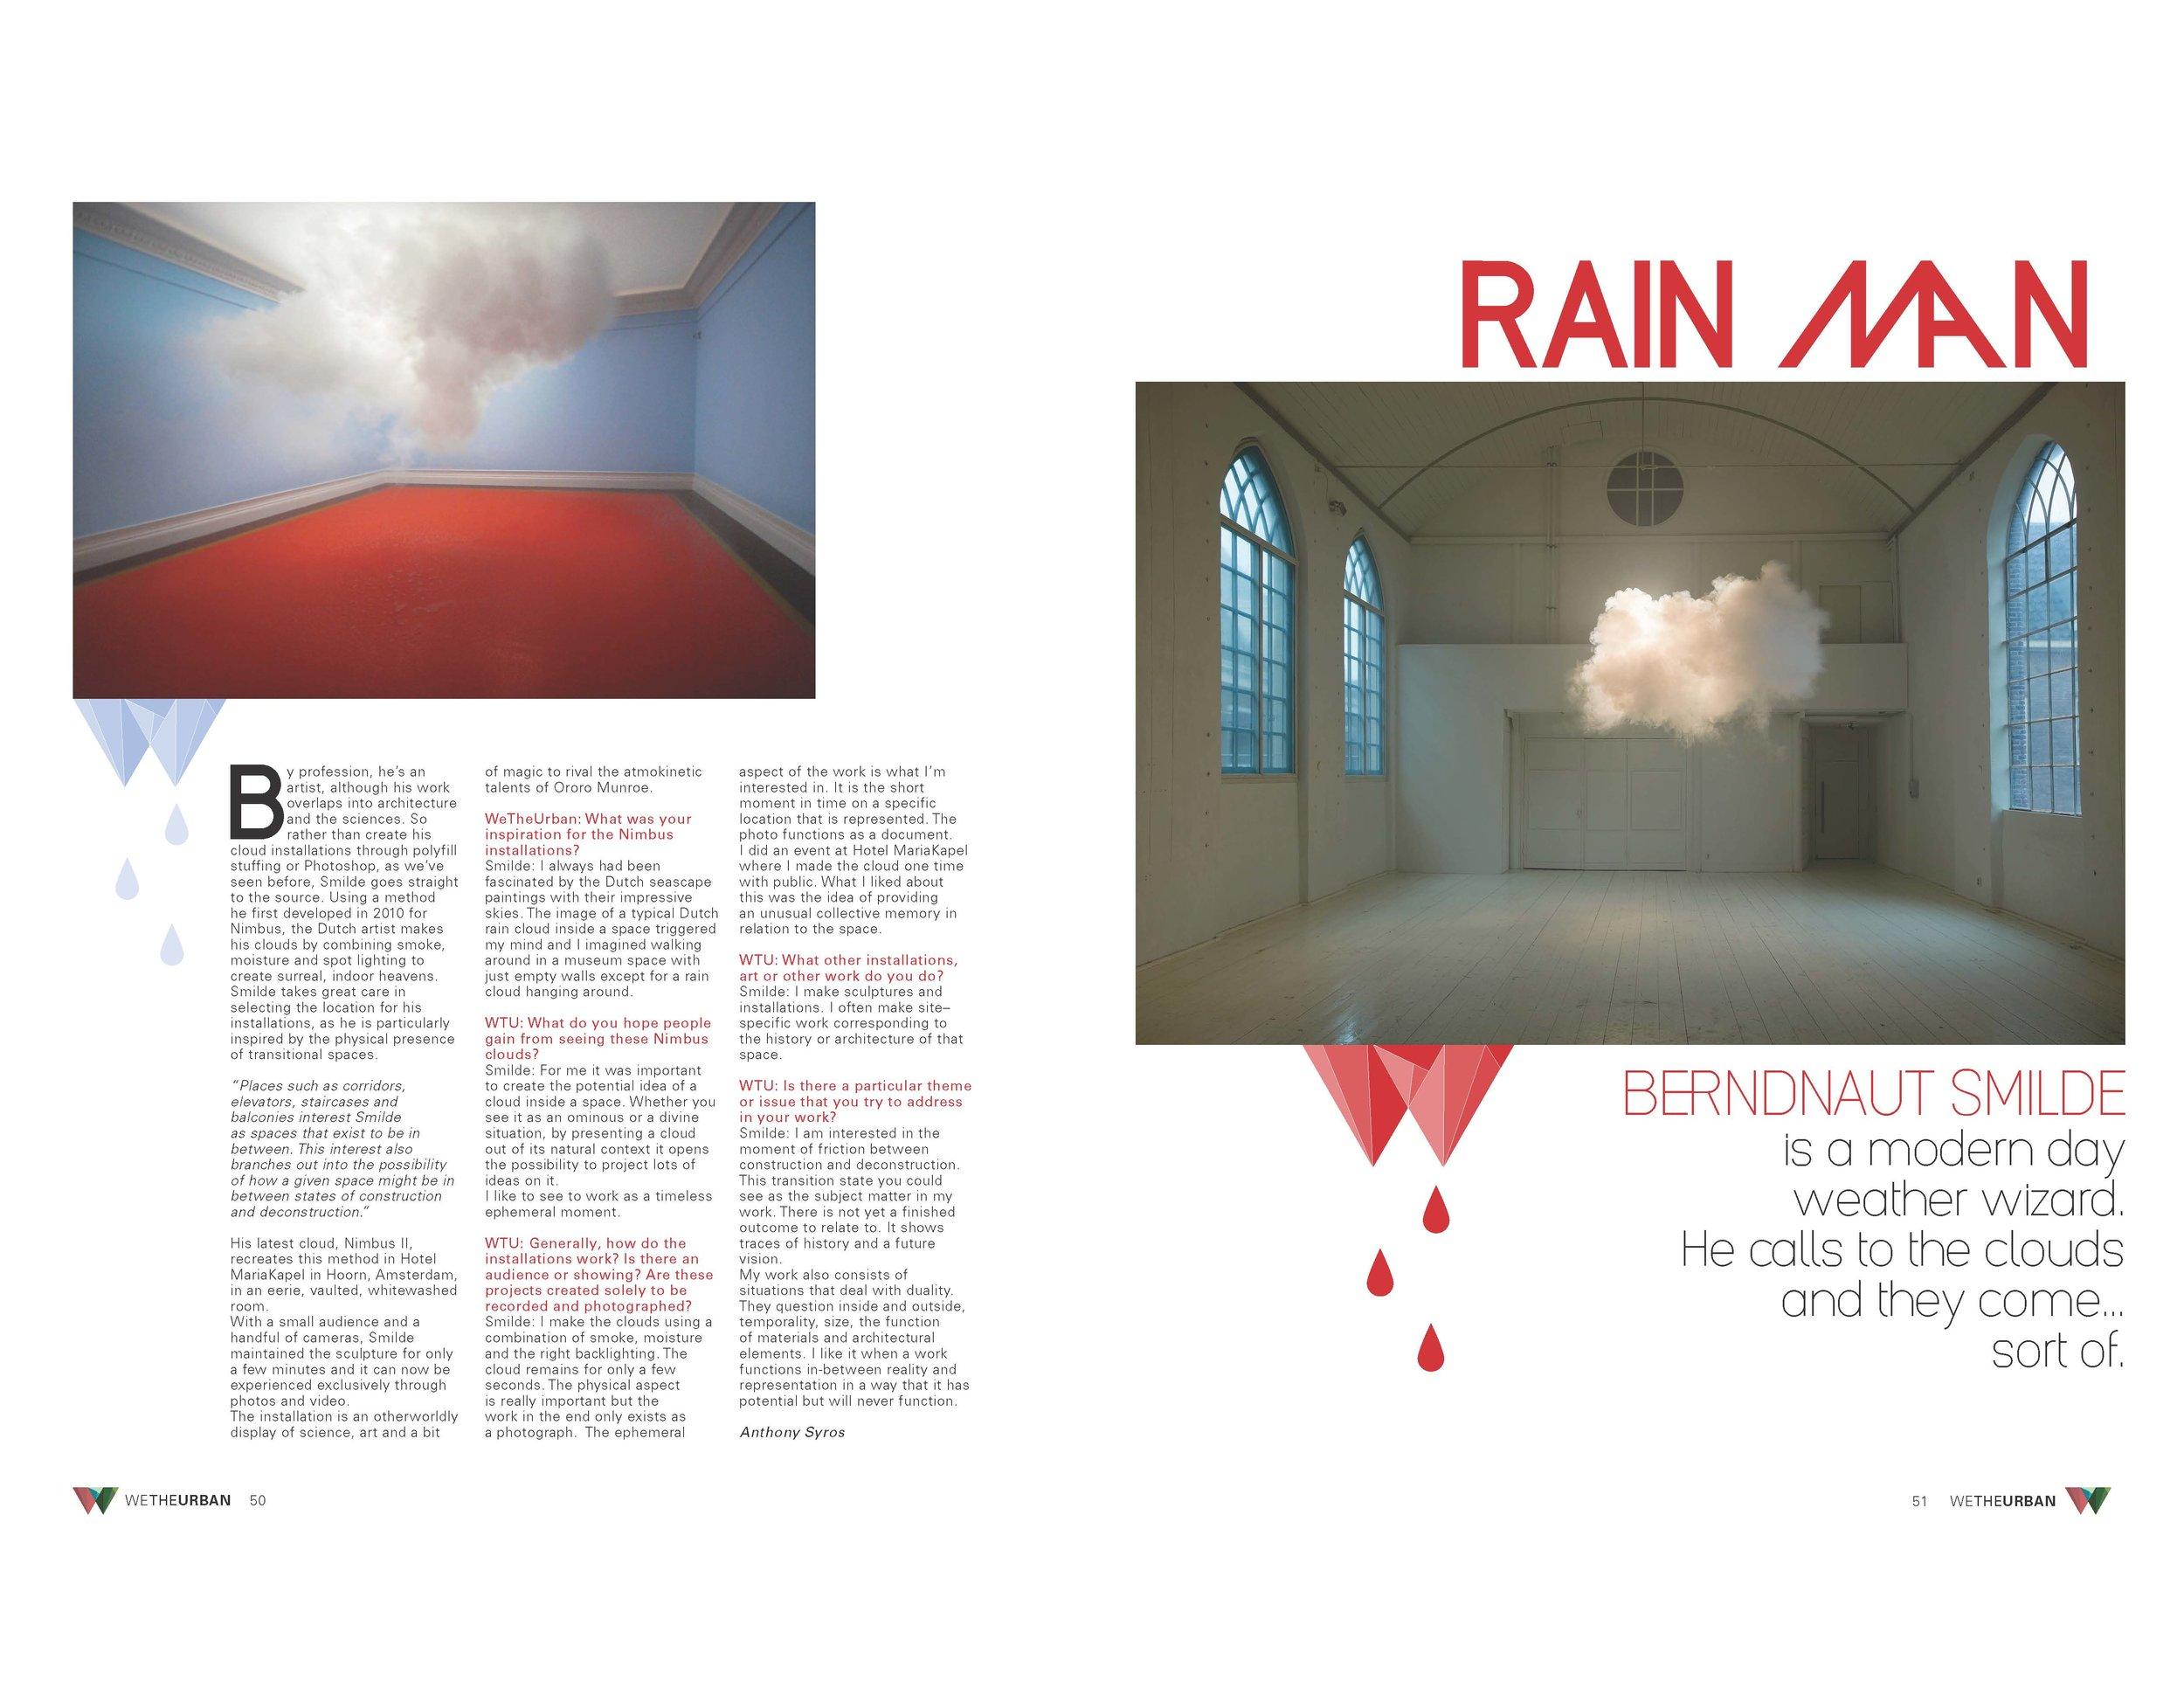 Rain Manjpg.jpg